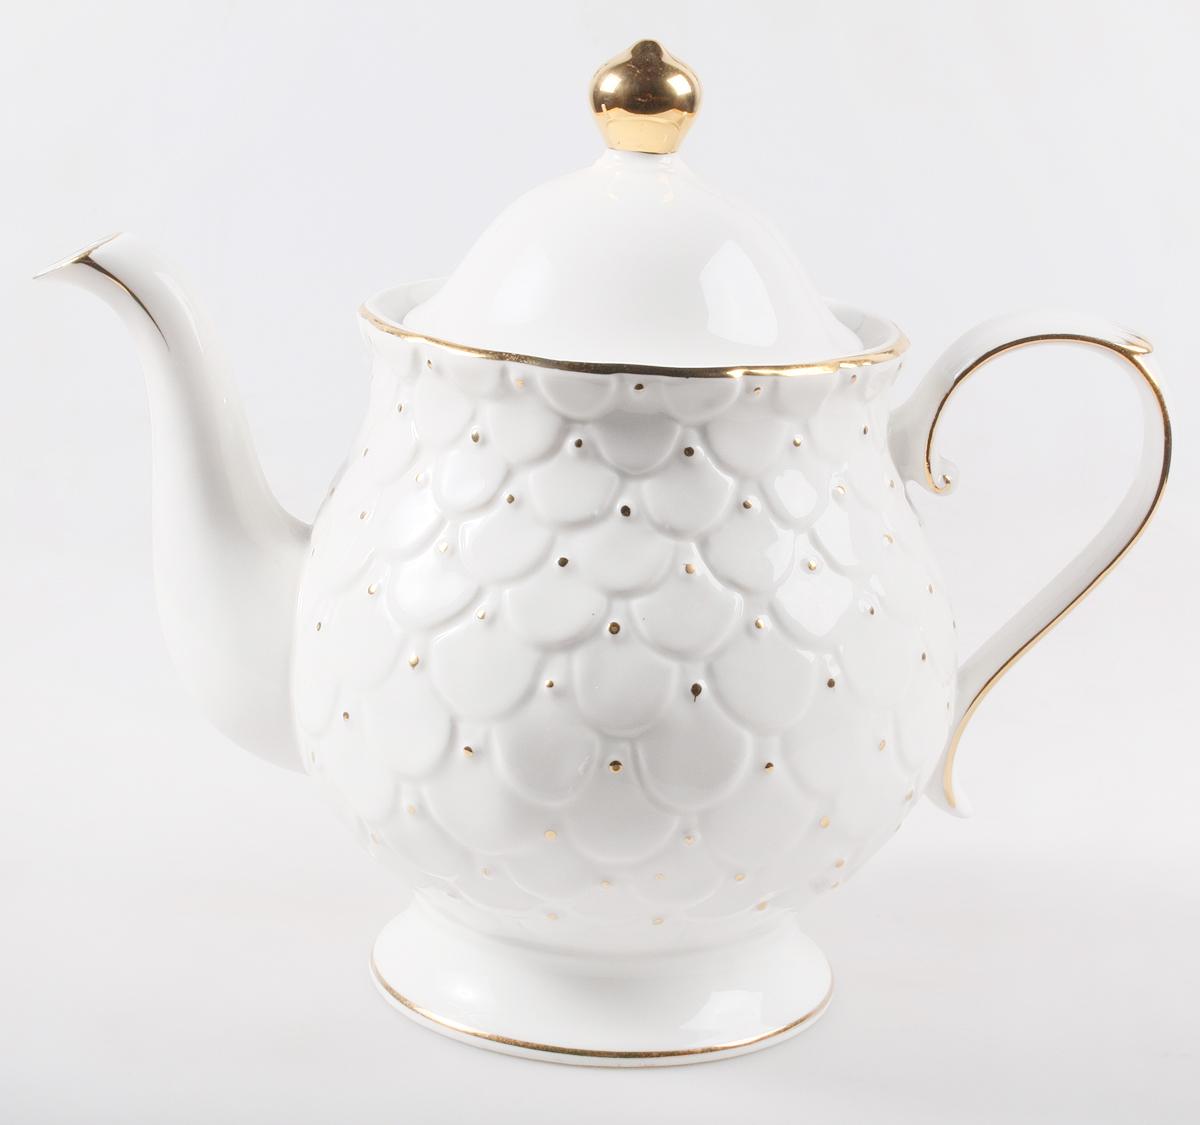 Чайник заварочный Olaff Лепестки, 1,2 л. RL14872N-1-GRL14872N-1-GЗаварочный чайник Olaff Лепестки поможет вам в приготовлении вкусного и ароматного чая, а также станет украшением вашей кухни. Он изготовлен из фарфора и оформлен красочным изображением. Нежные лепестки придают чайнику особый шарм, чайник удобен в использовании и понравится каждому.Такой заварочный чайник станет приятным и практичным подарком на любой праздник.